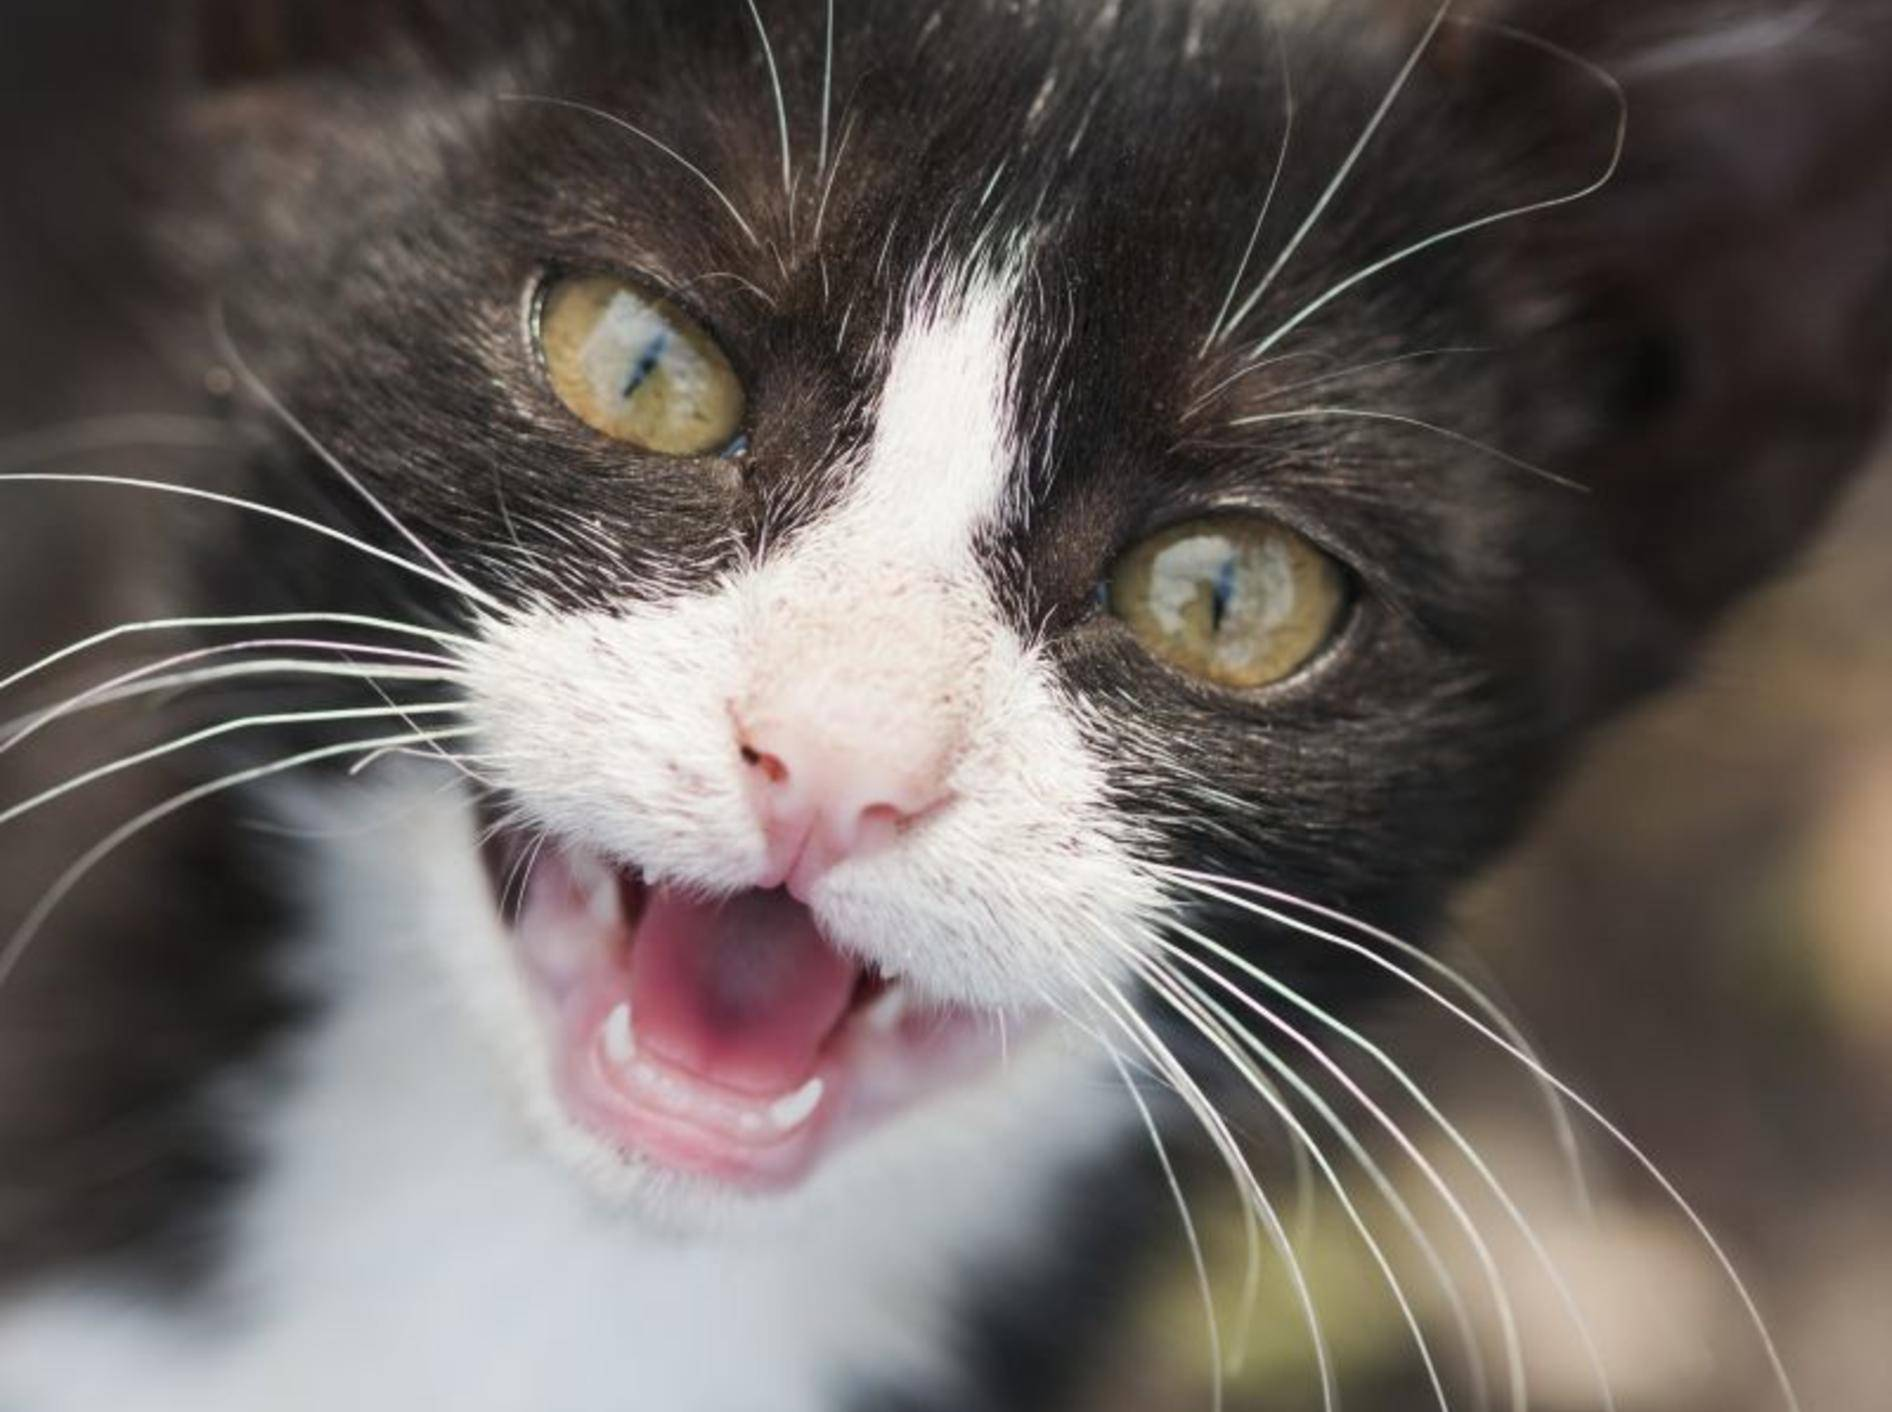 Verhaltensstörungen bei Katzen können sich sehr vielfältig äußern – Bild: Shutterstock / ileana_bt